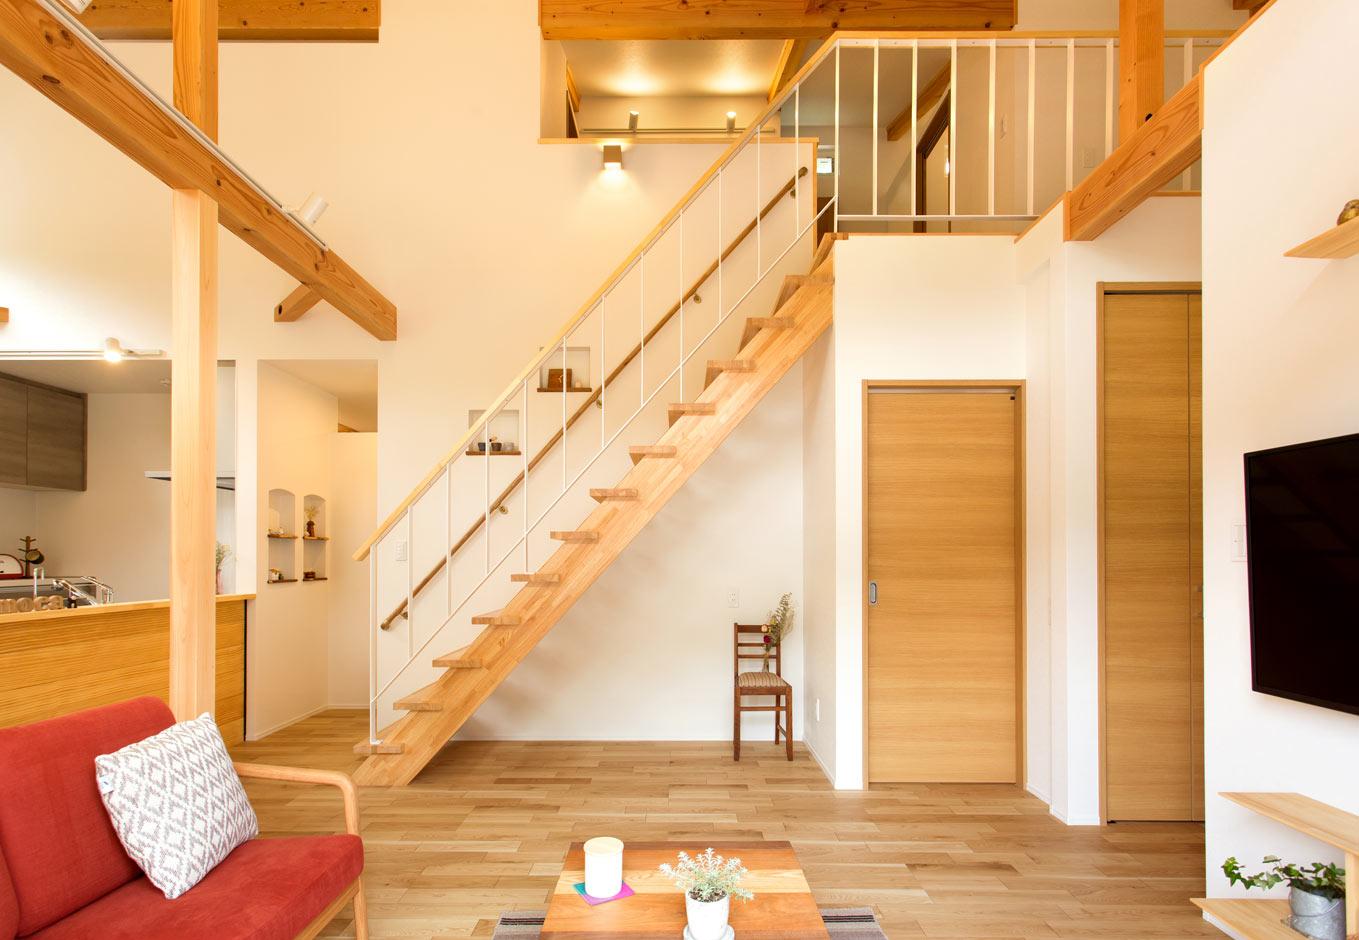 くらはし建築【収納力、省エネ、間取り】リビング階段下の大きなスペースも収納に活用する予定。散らかりにくく、掃除しやすい収納計画を実践する